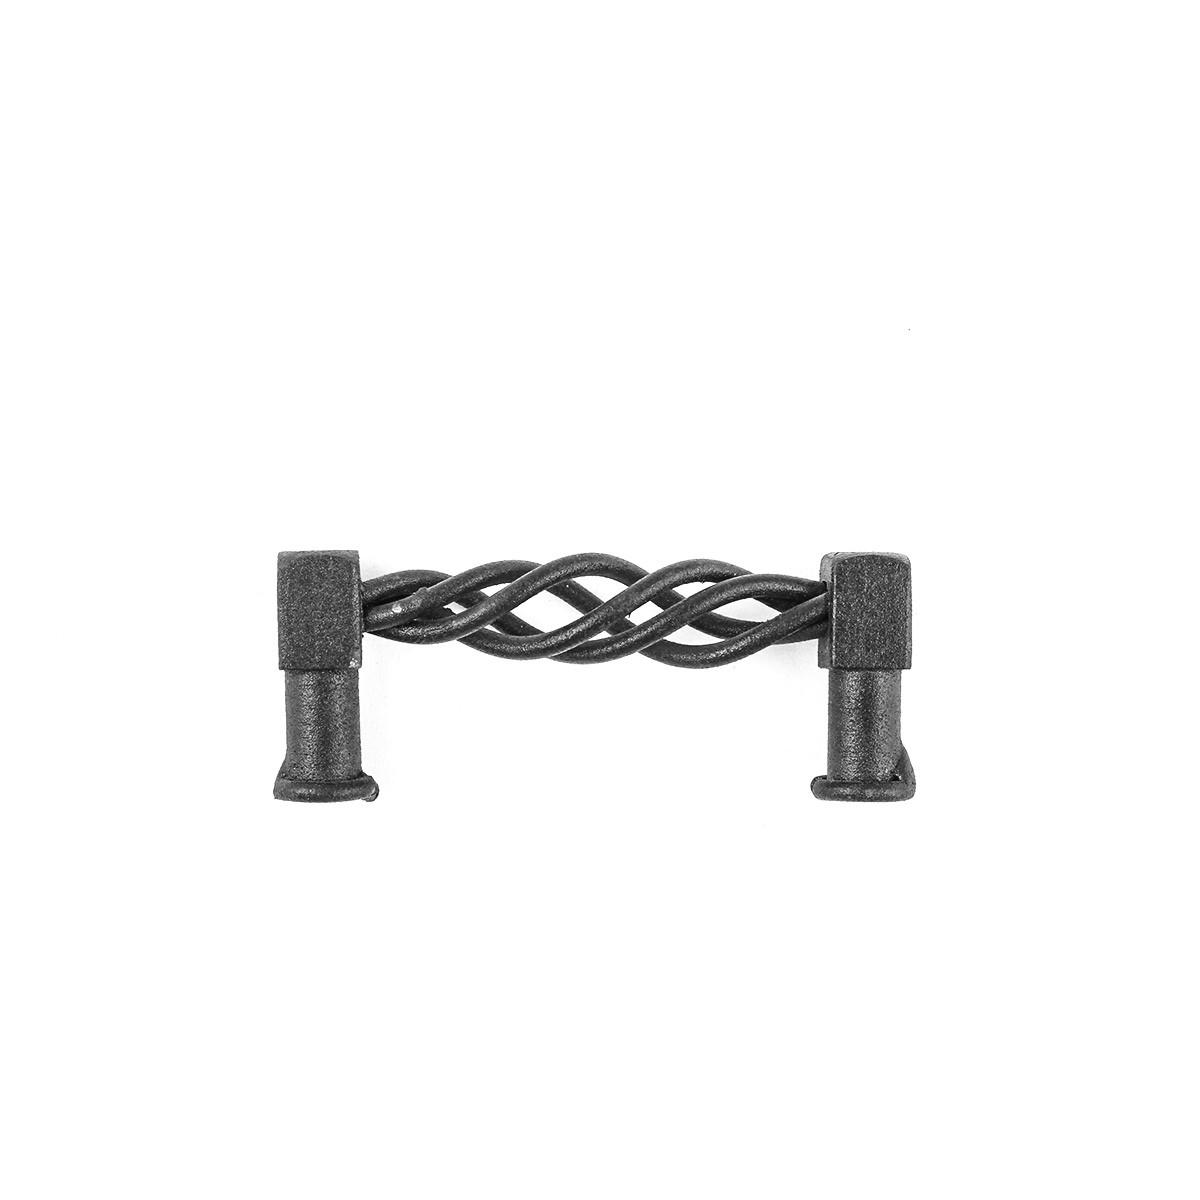 Drawer Pull Cabinet Birdcage Black Wrought Iron 3 12 Wrought Iron Door Pulls Black Door Pulls Bird Cage Door Pulls